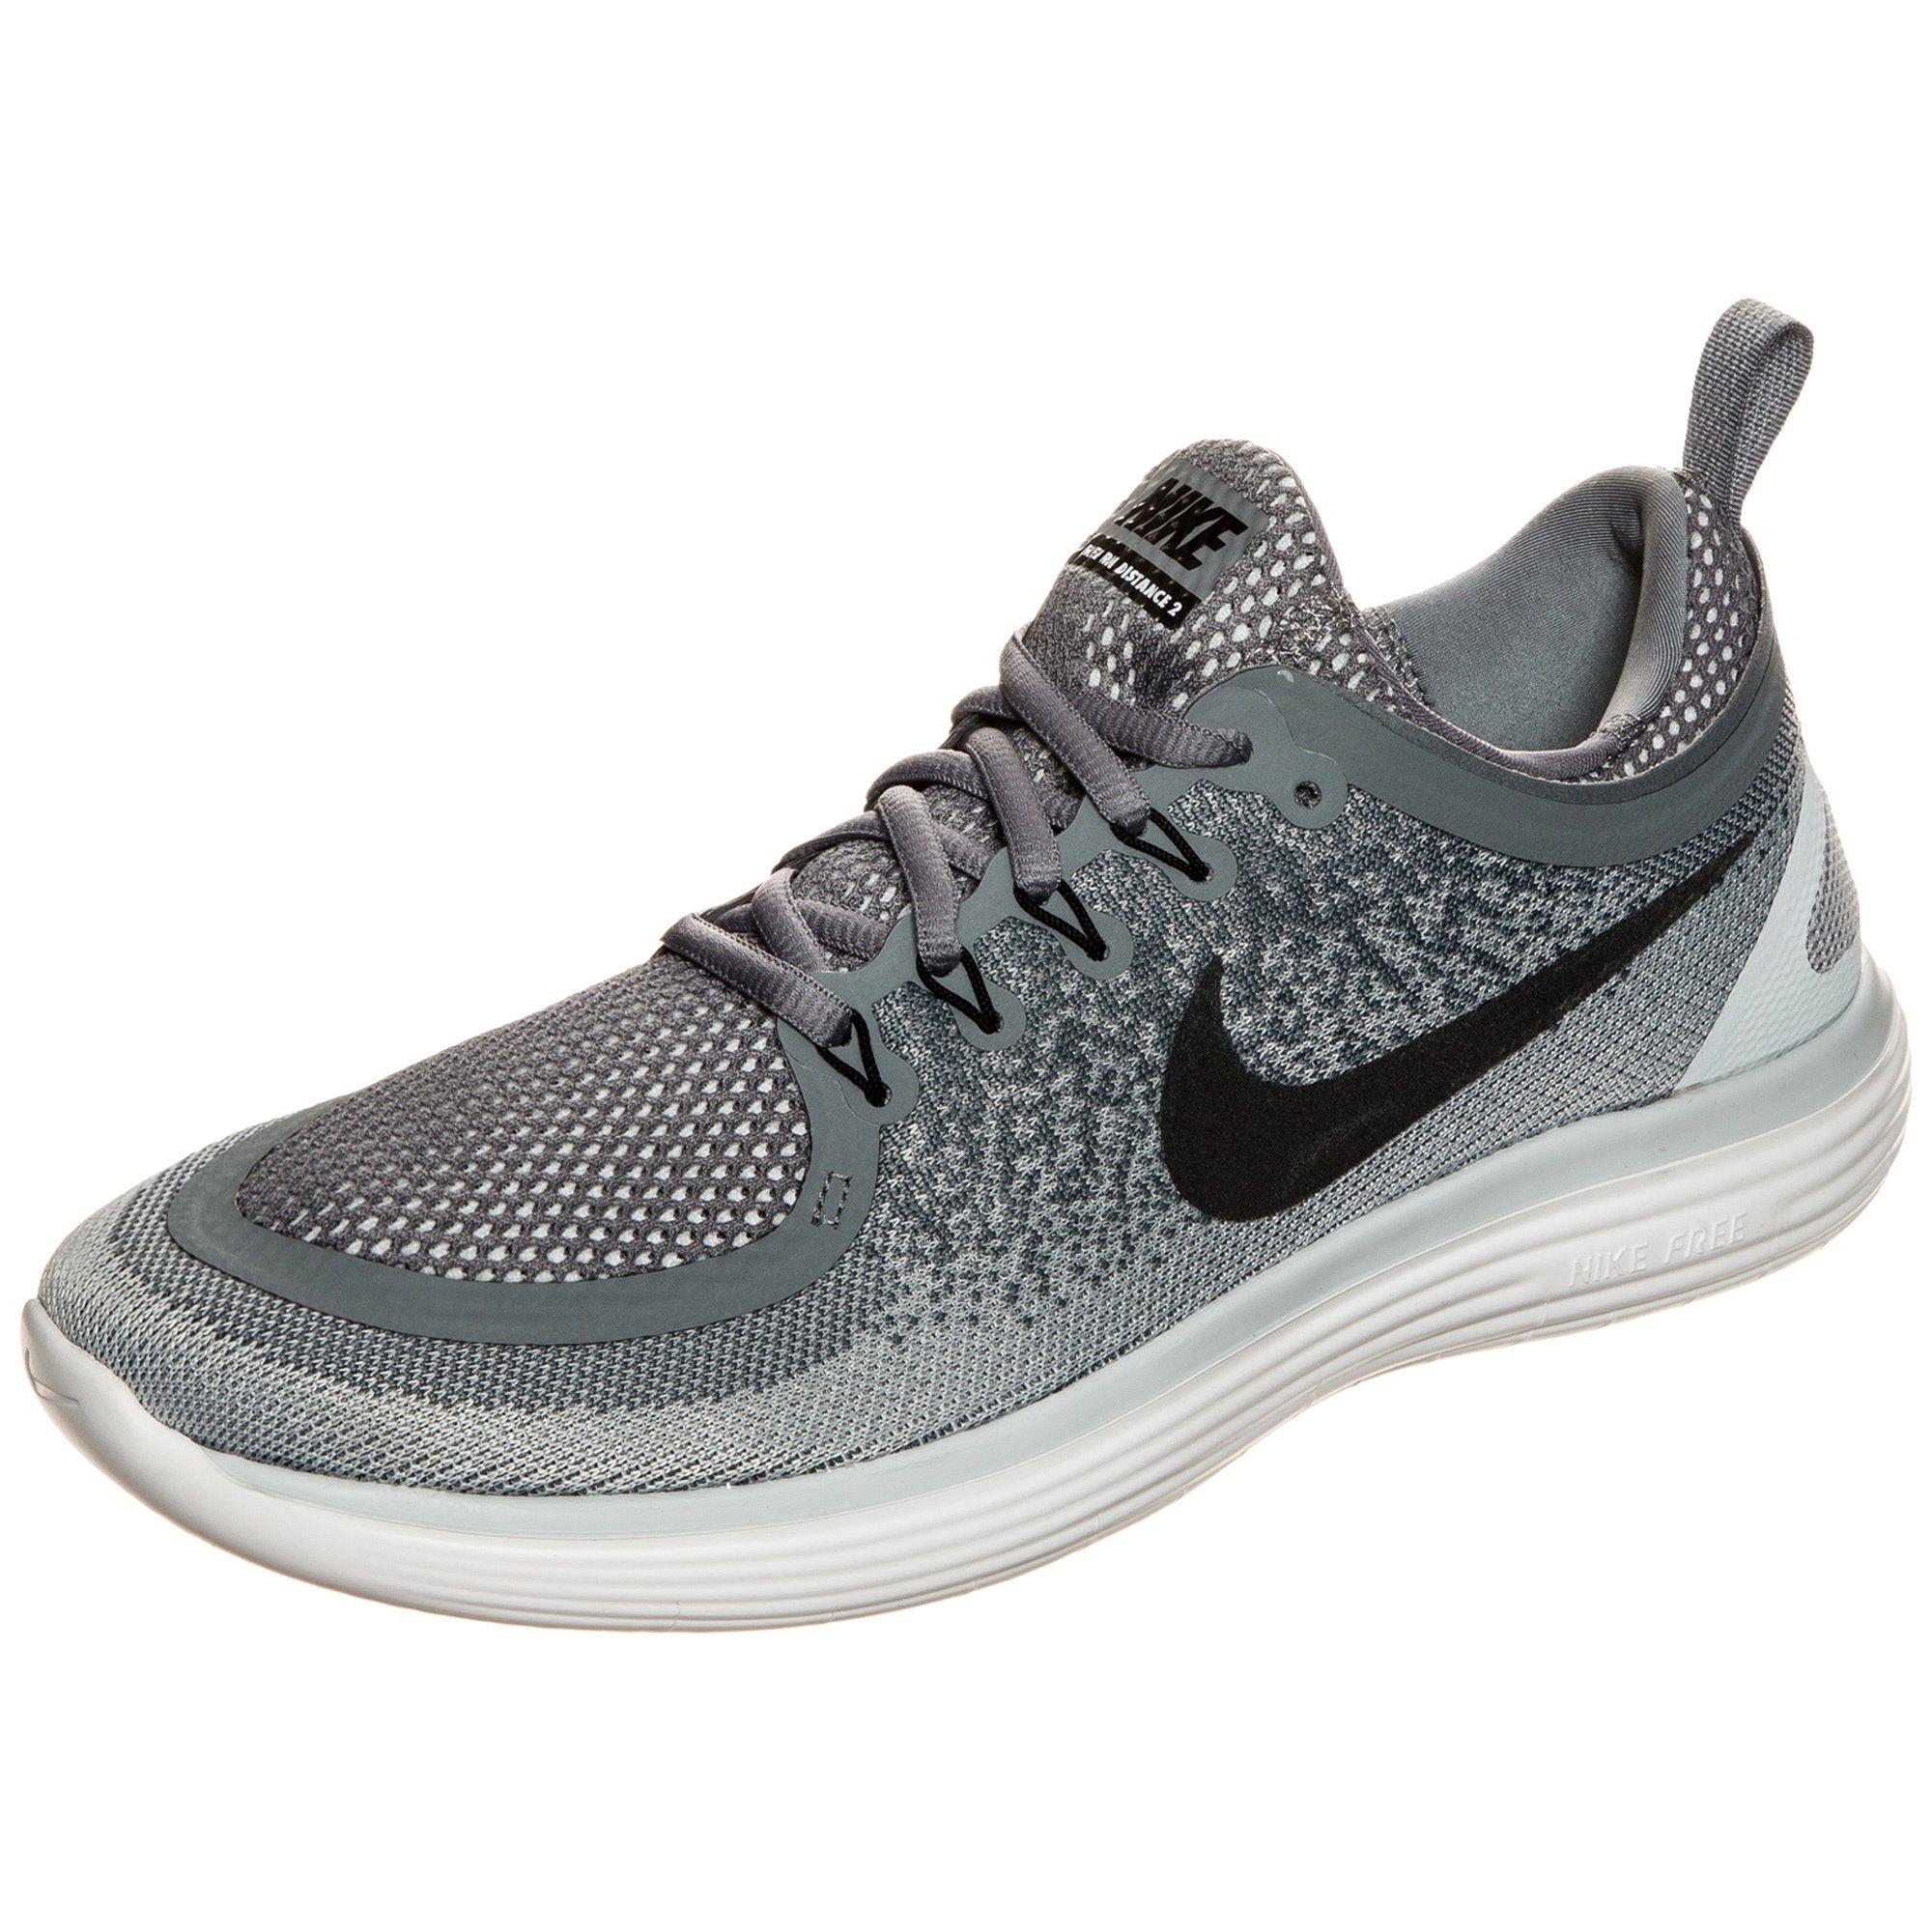 Nike Laufschuh Free Rn Distance Distance Distance 2   Gutes Preis-Leistungs-Verhältnis, es lohnt sich 666ddd